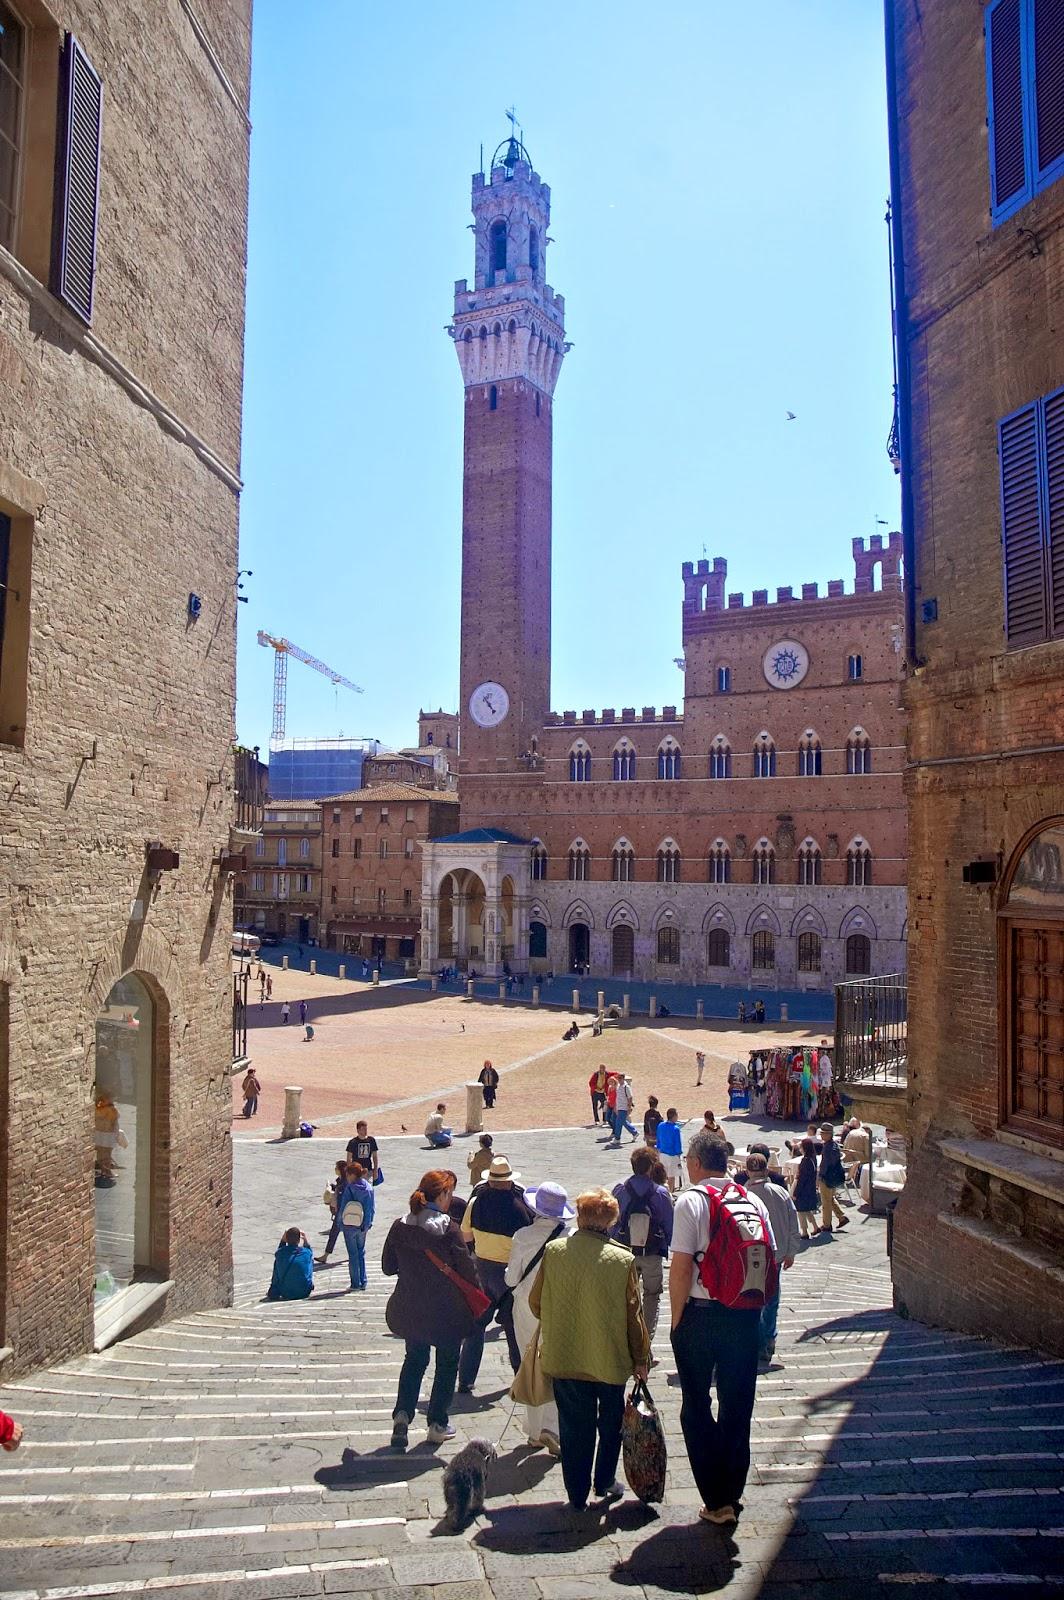 miasto Siena co warto zobaczyć?